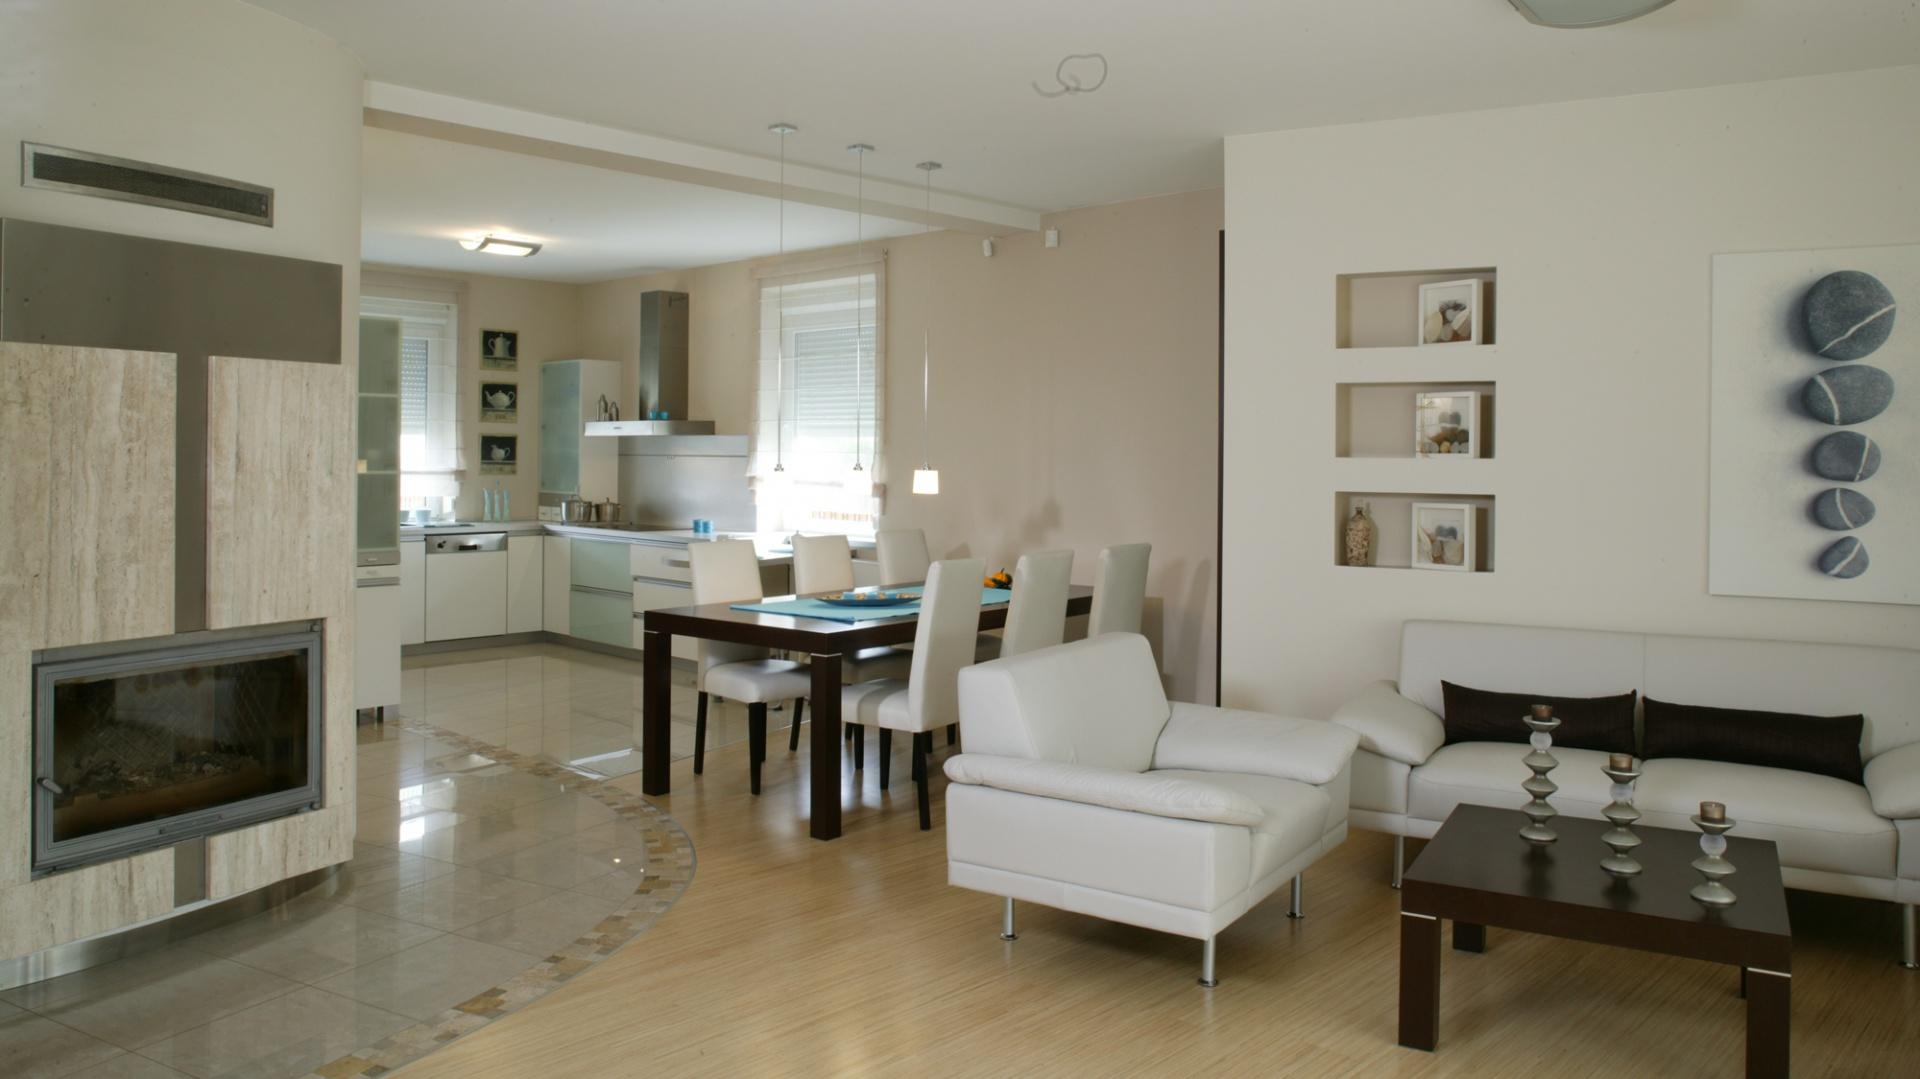 Kącik relaksu tworzą fotele i sofa z jasnej skóry (Kler) oraz stolik kawowy, fornirowany wengé. Fot. Monika Filipiuk.